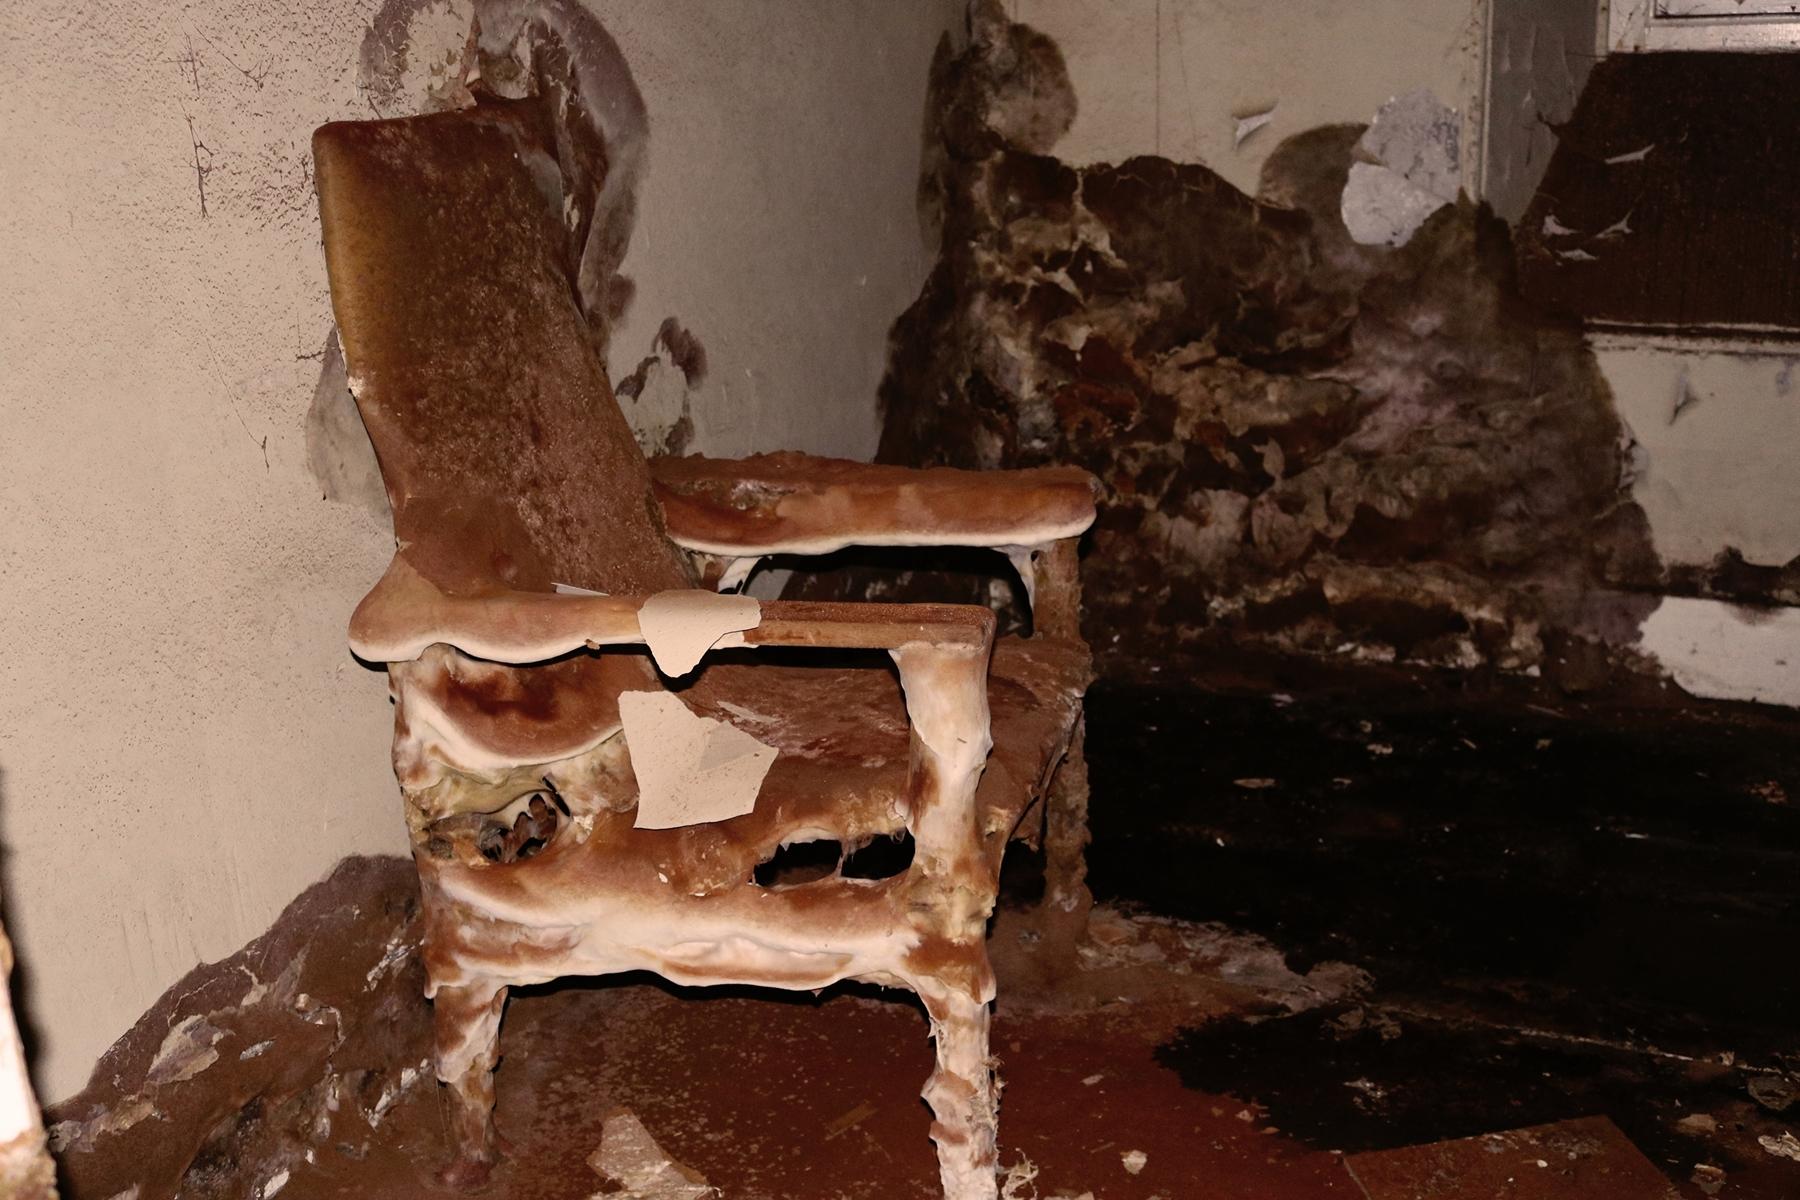 Ez a kedvenc képem...egy gombával benőtt szék az egykori gumiszoba sötétségében